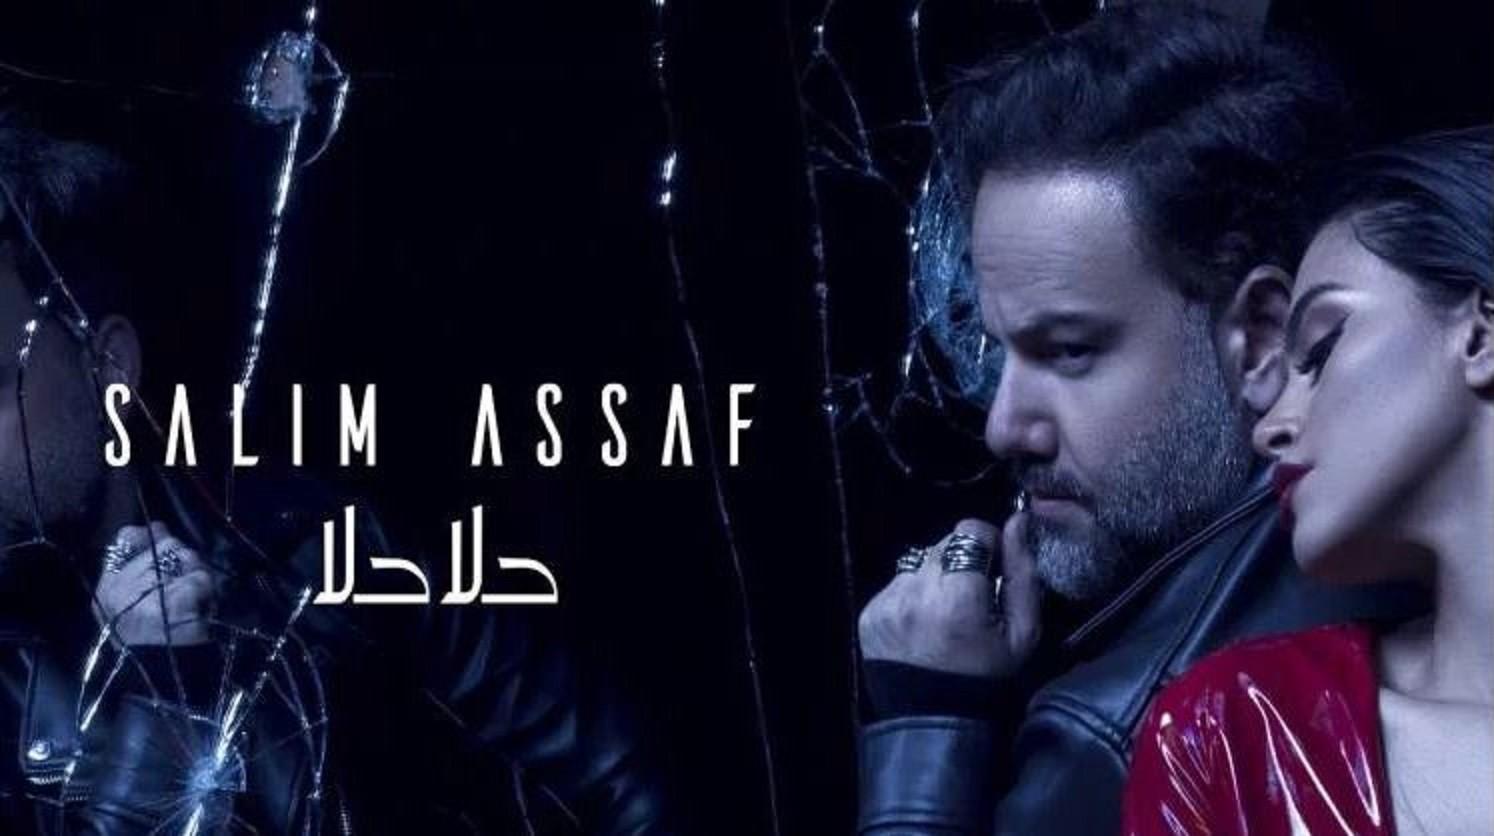 """""""حلا حلا"""" لـ سليم عساف تلقى رواجا في المغرب- بالصور"""